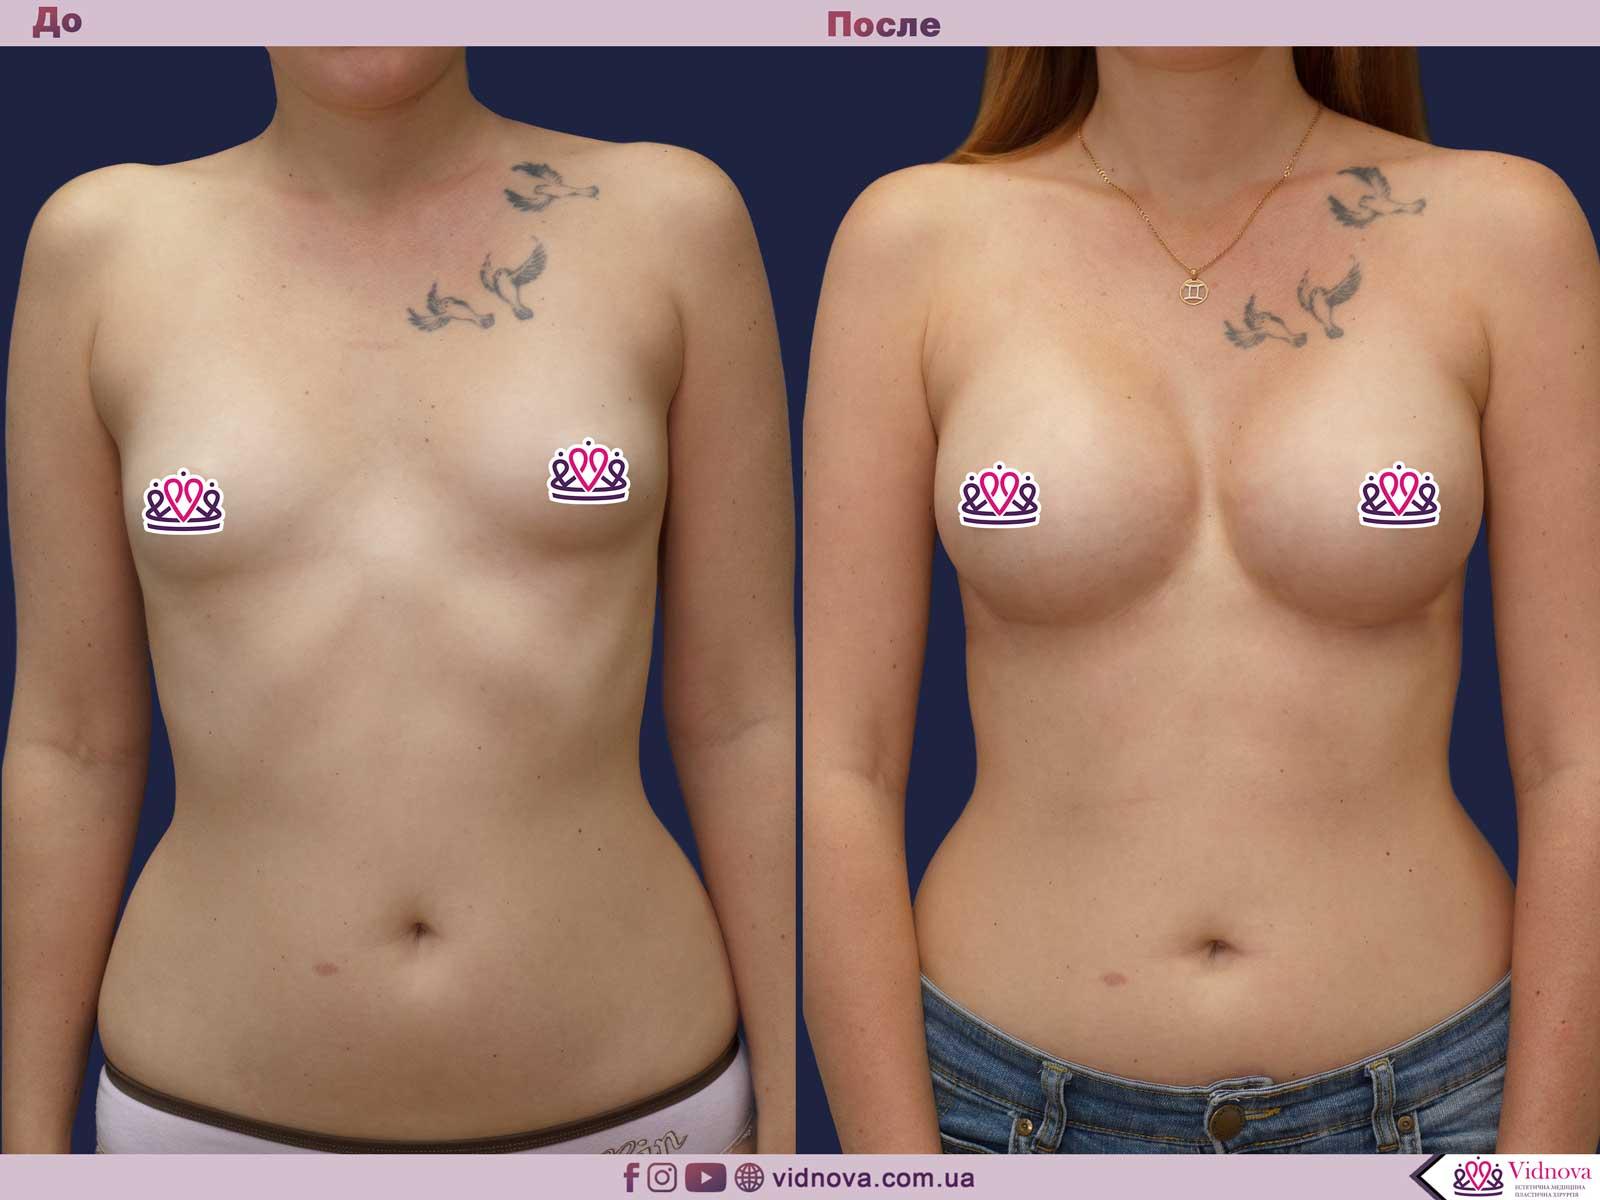 Пластика груди: результаты до и после - Пример №41-0 - Светлана Работенко